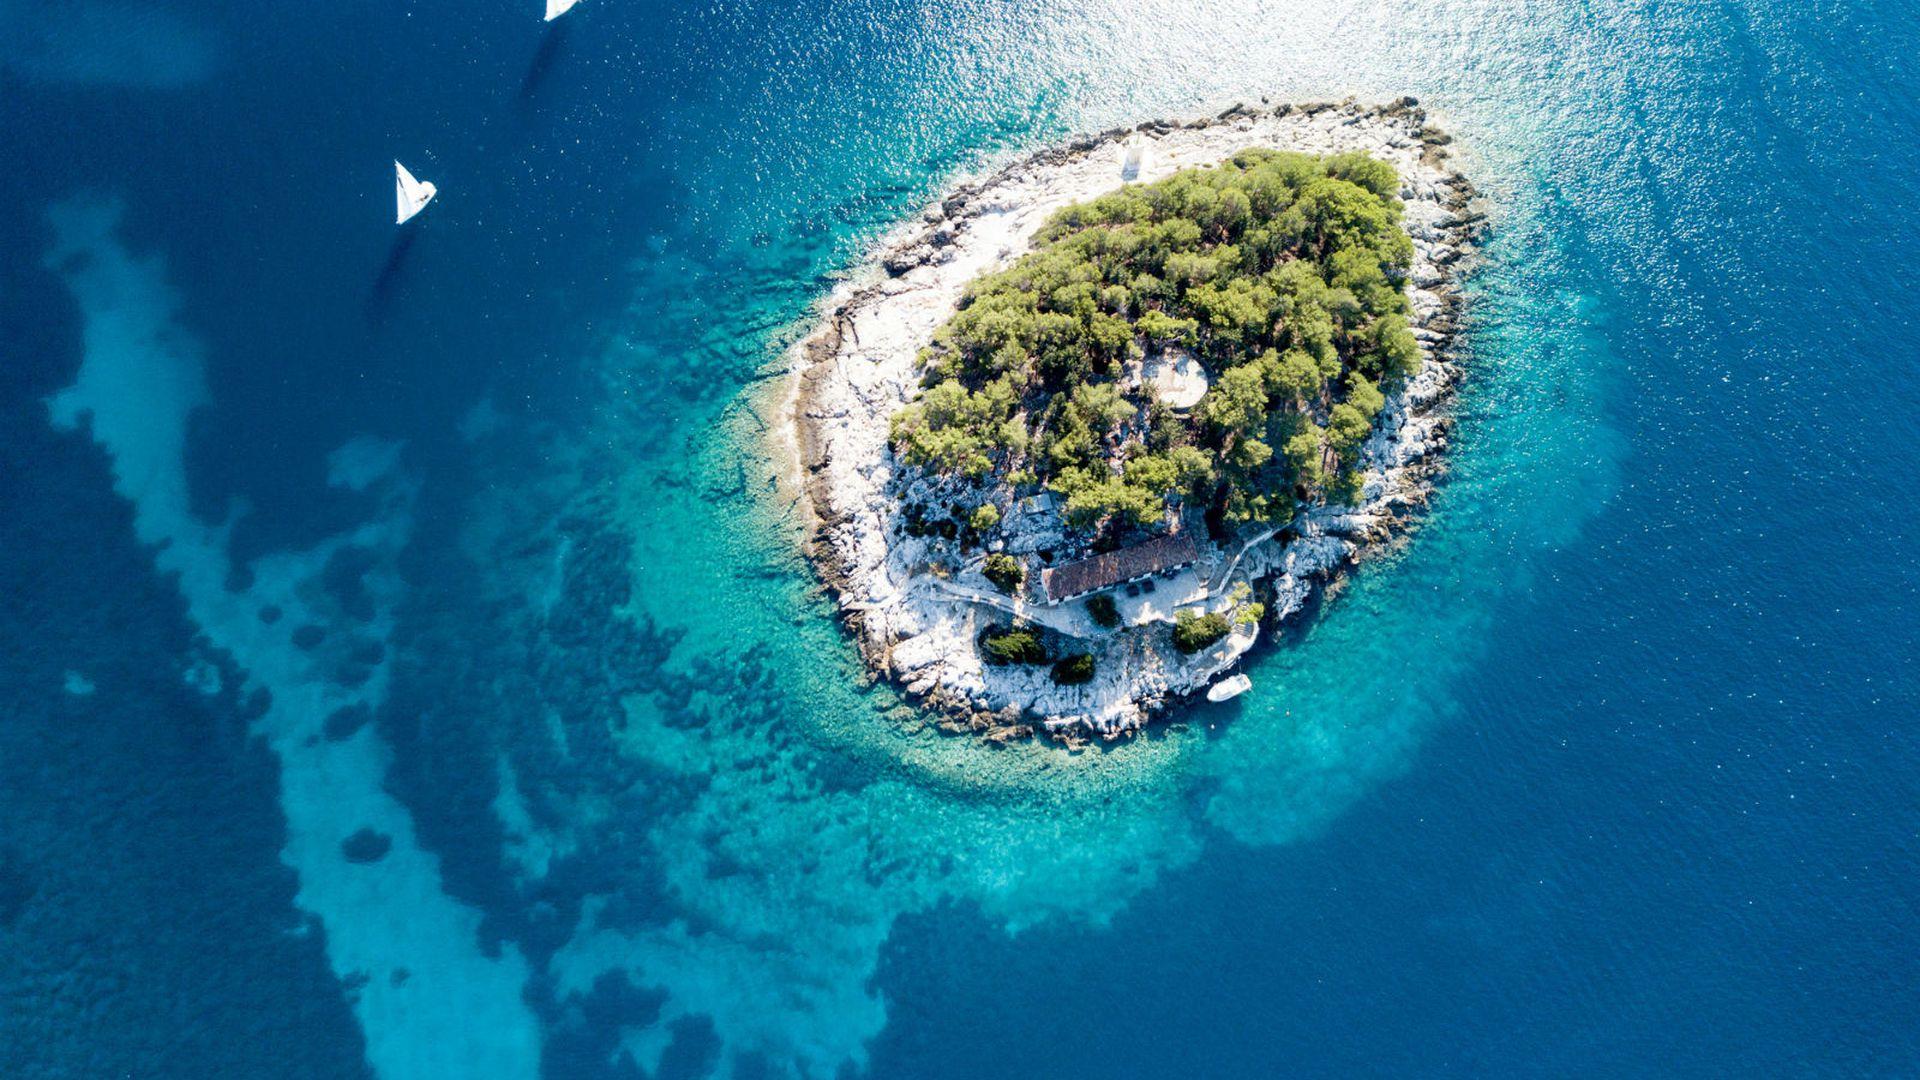 Ima se, može se Pronašli smo 10 ponuda za jeftiniji odmor na Jadranu Kako je sezona lagano pri kraju, iskopali smo 10 ponuda s kojima biste mogli dobiti najviše za vaš novac... NASTAVI ČITATI